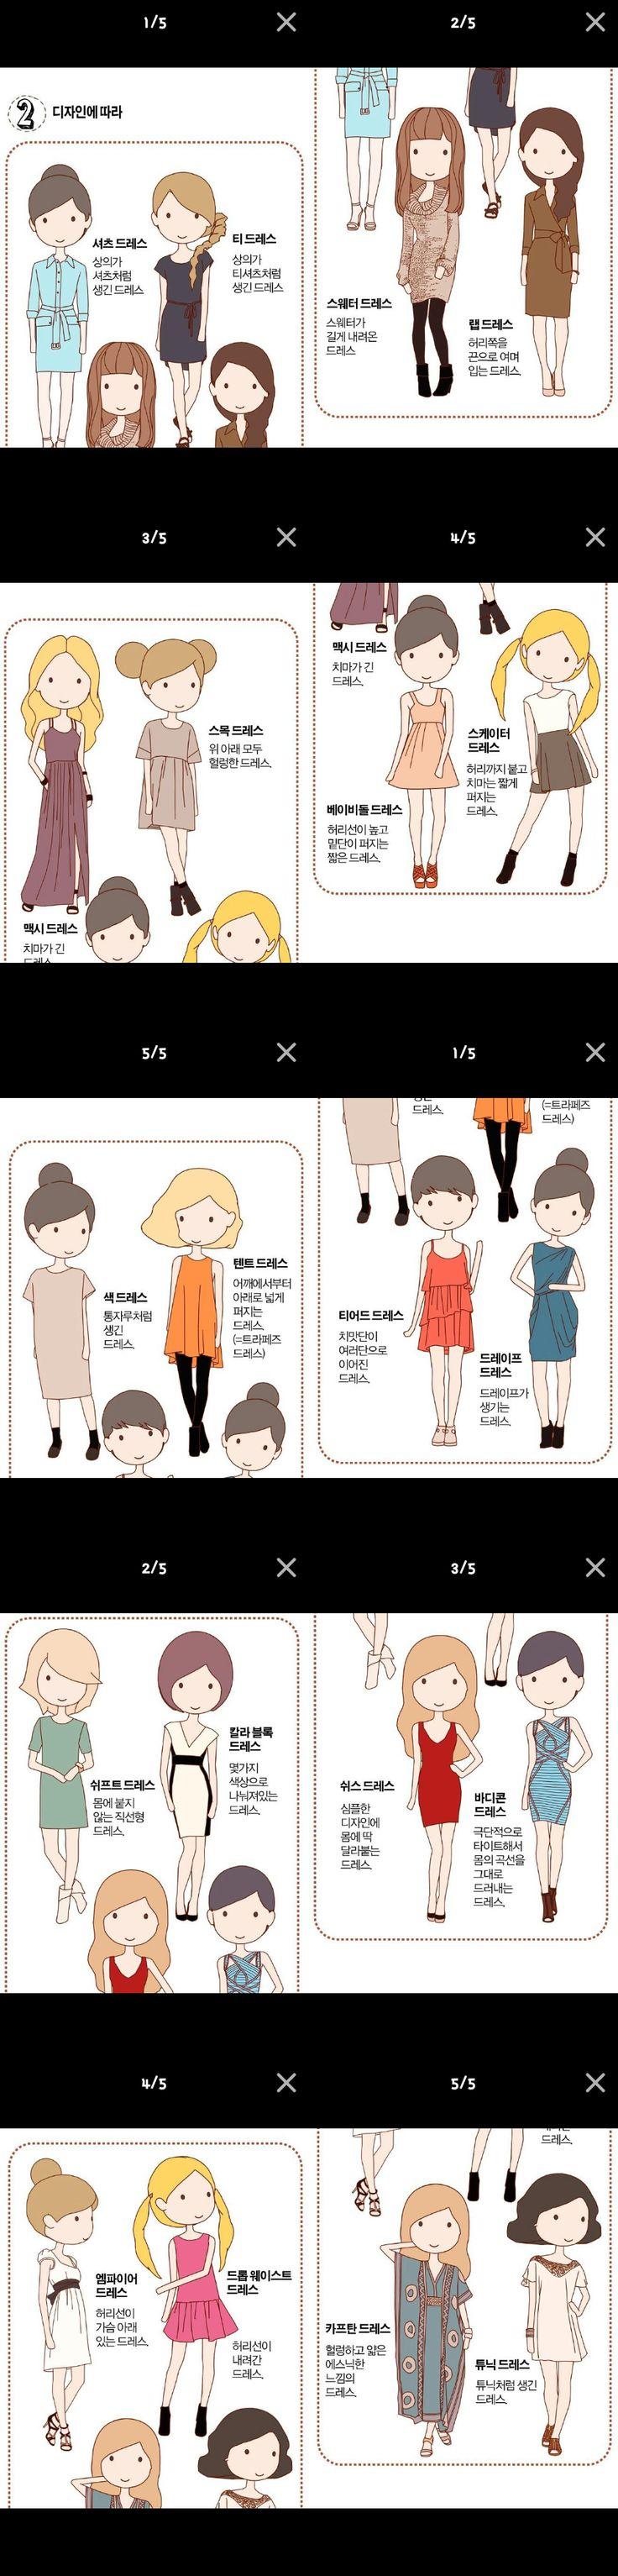 여자 드레스 종류